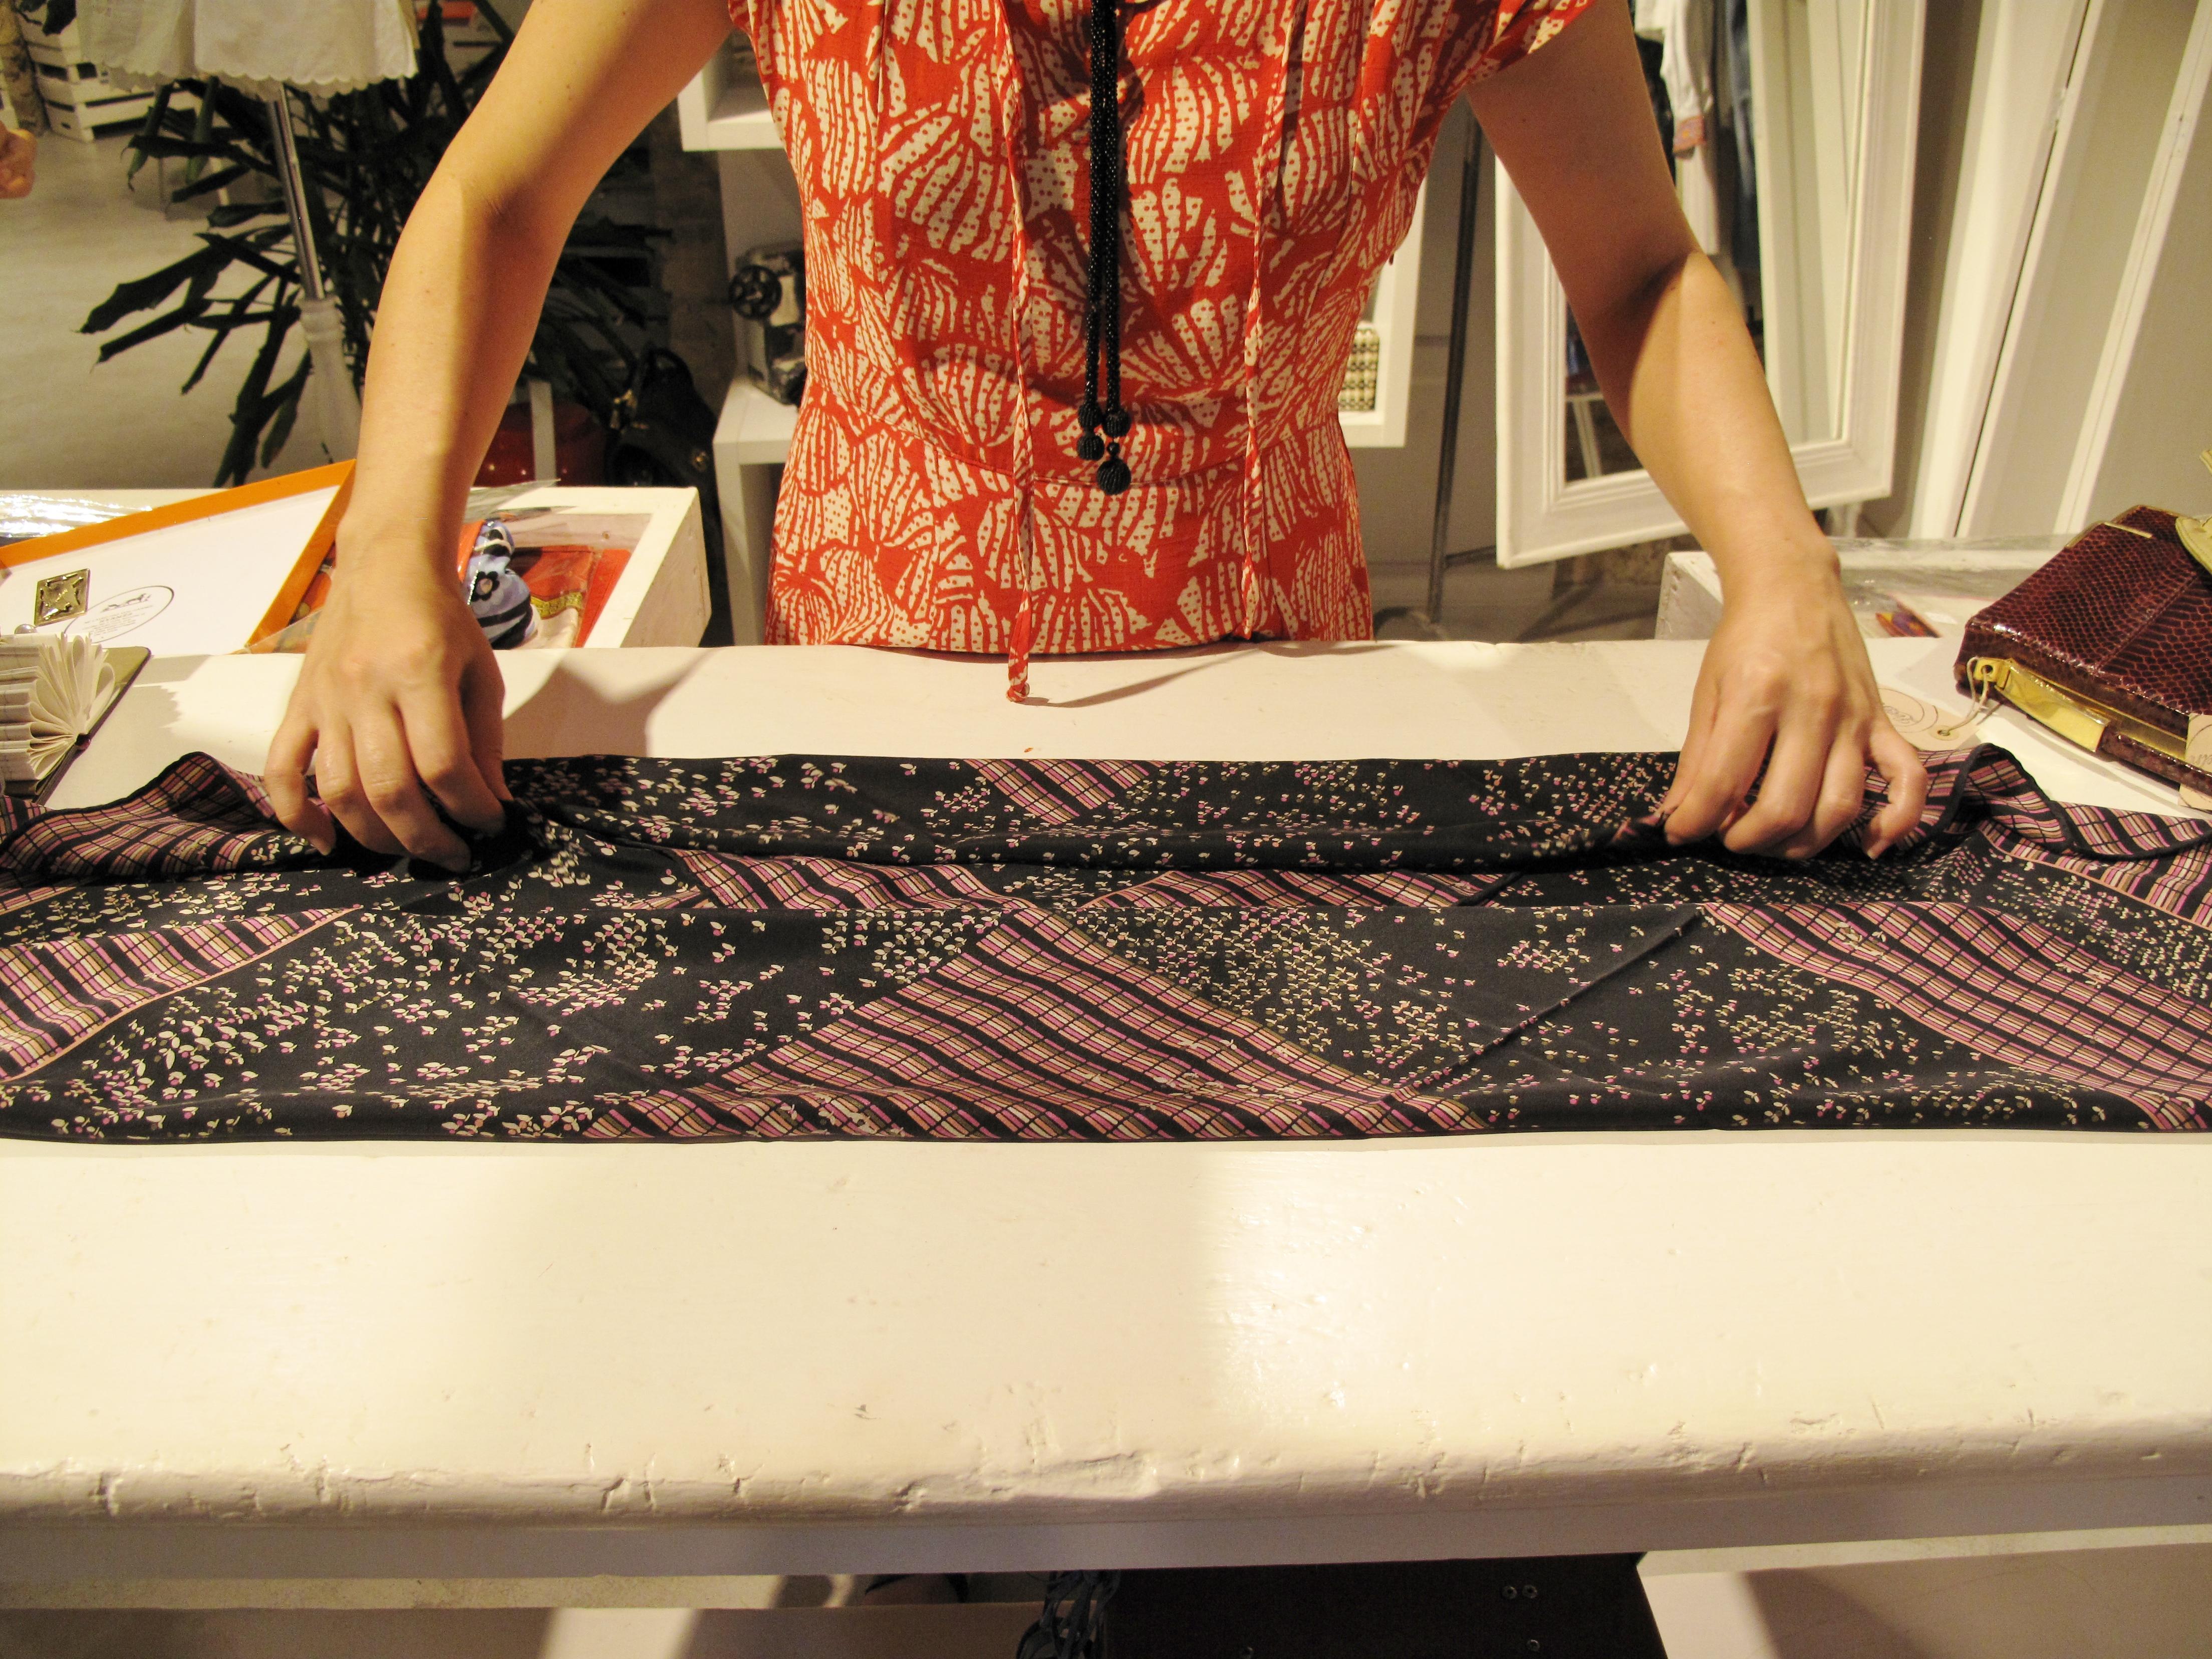 La designer Alice Tolu piena e indossa per mockUp un carrés Patou, pic by A. Duranti